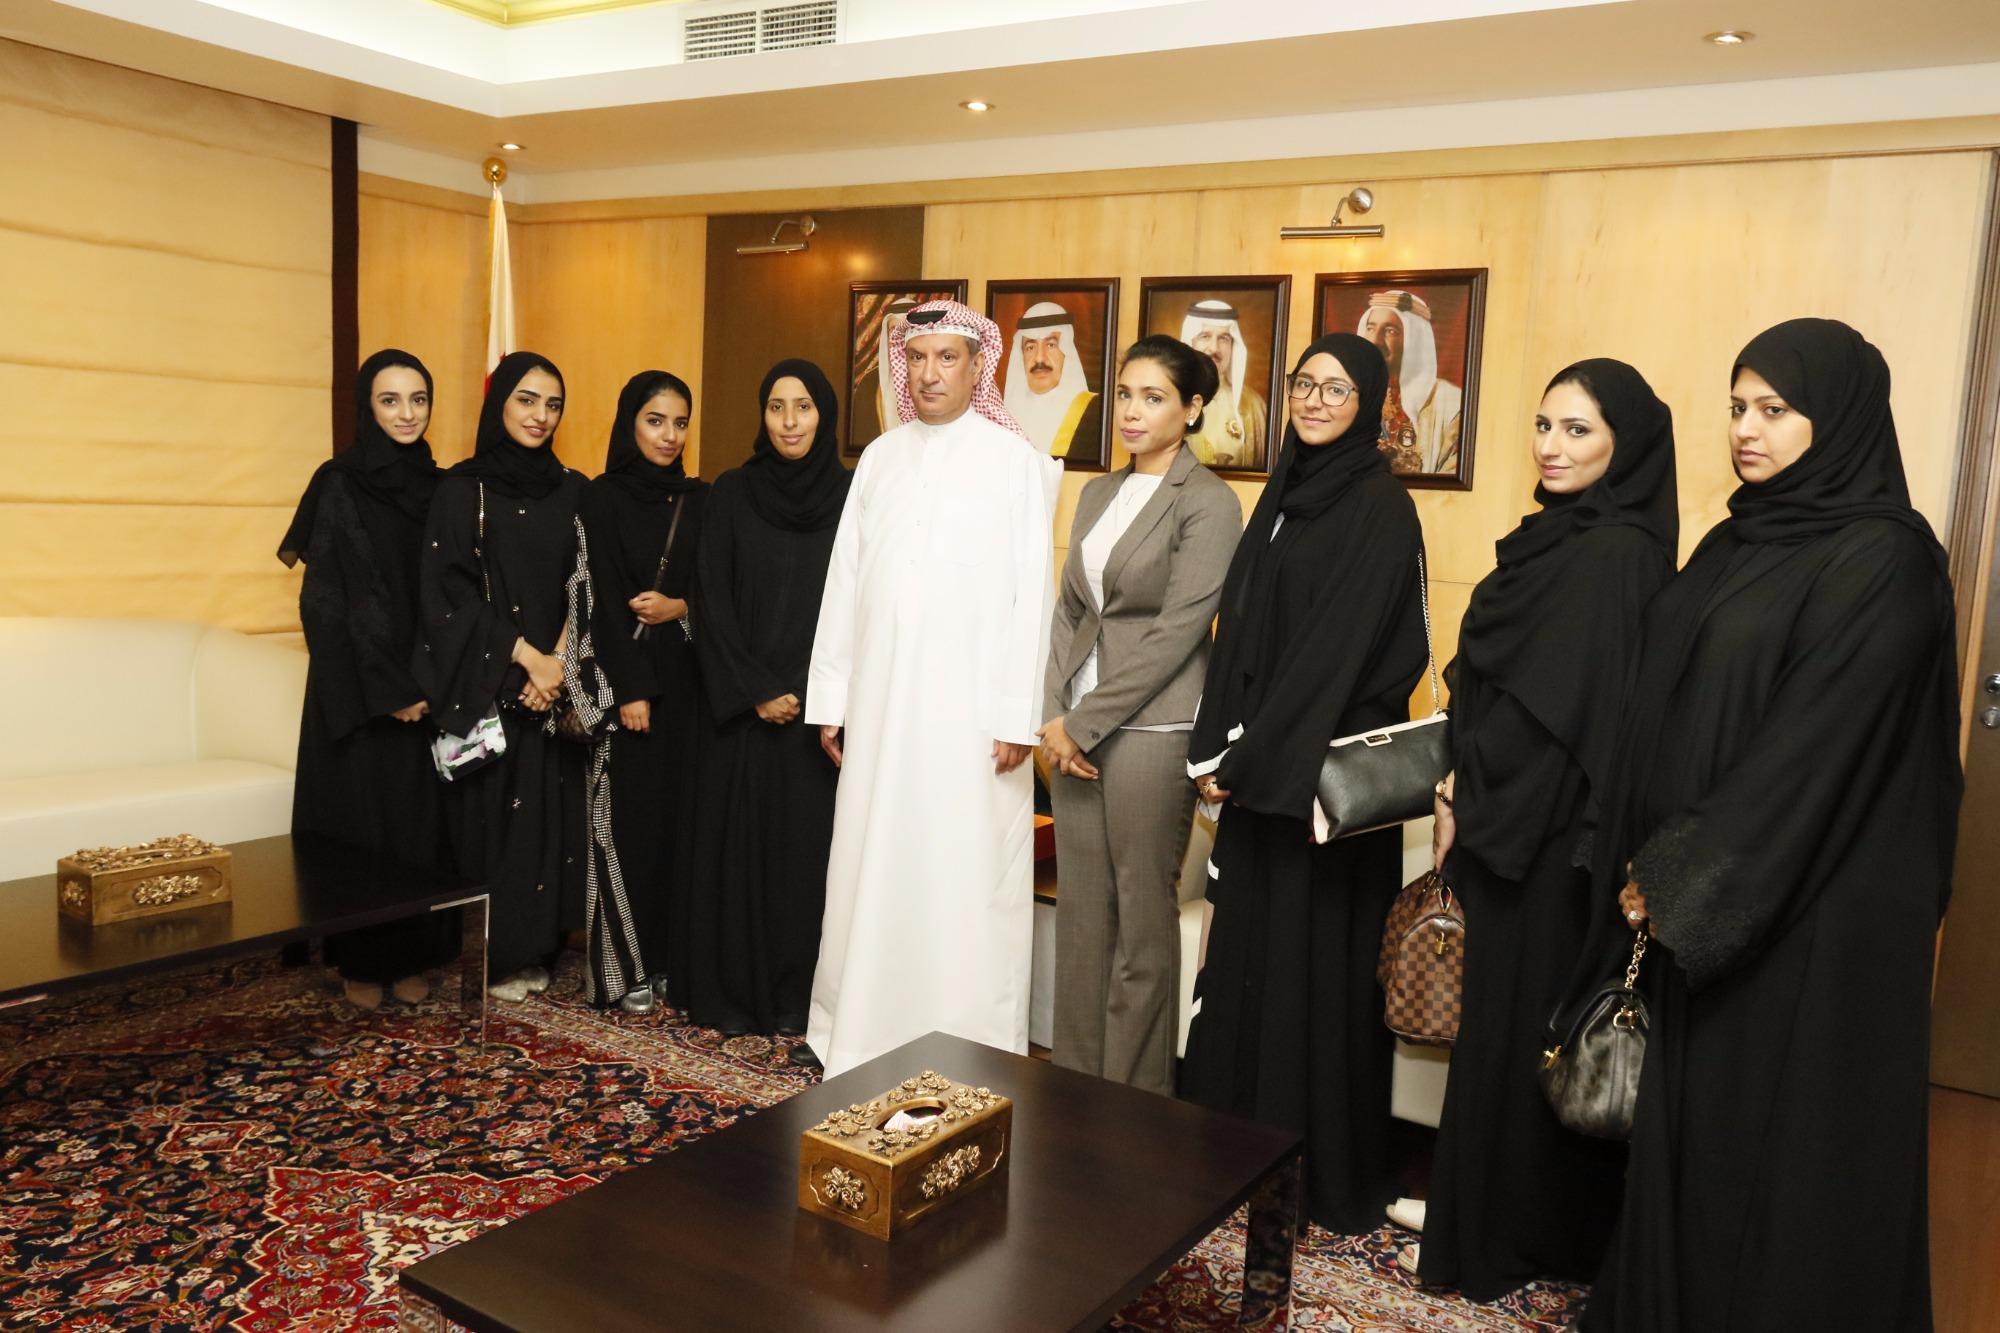 رئيس المحكمة الدستورية يستقبل طالبات كلية الحقوق بجامعة البحرين   البحرين - صحيفة الوسط البحرينية - مملكة البحرين